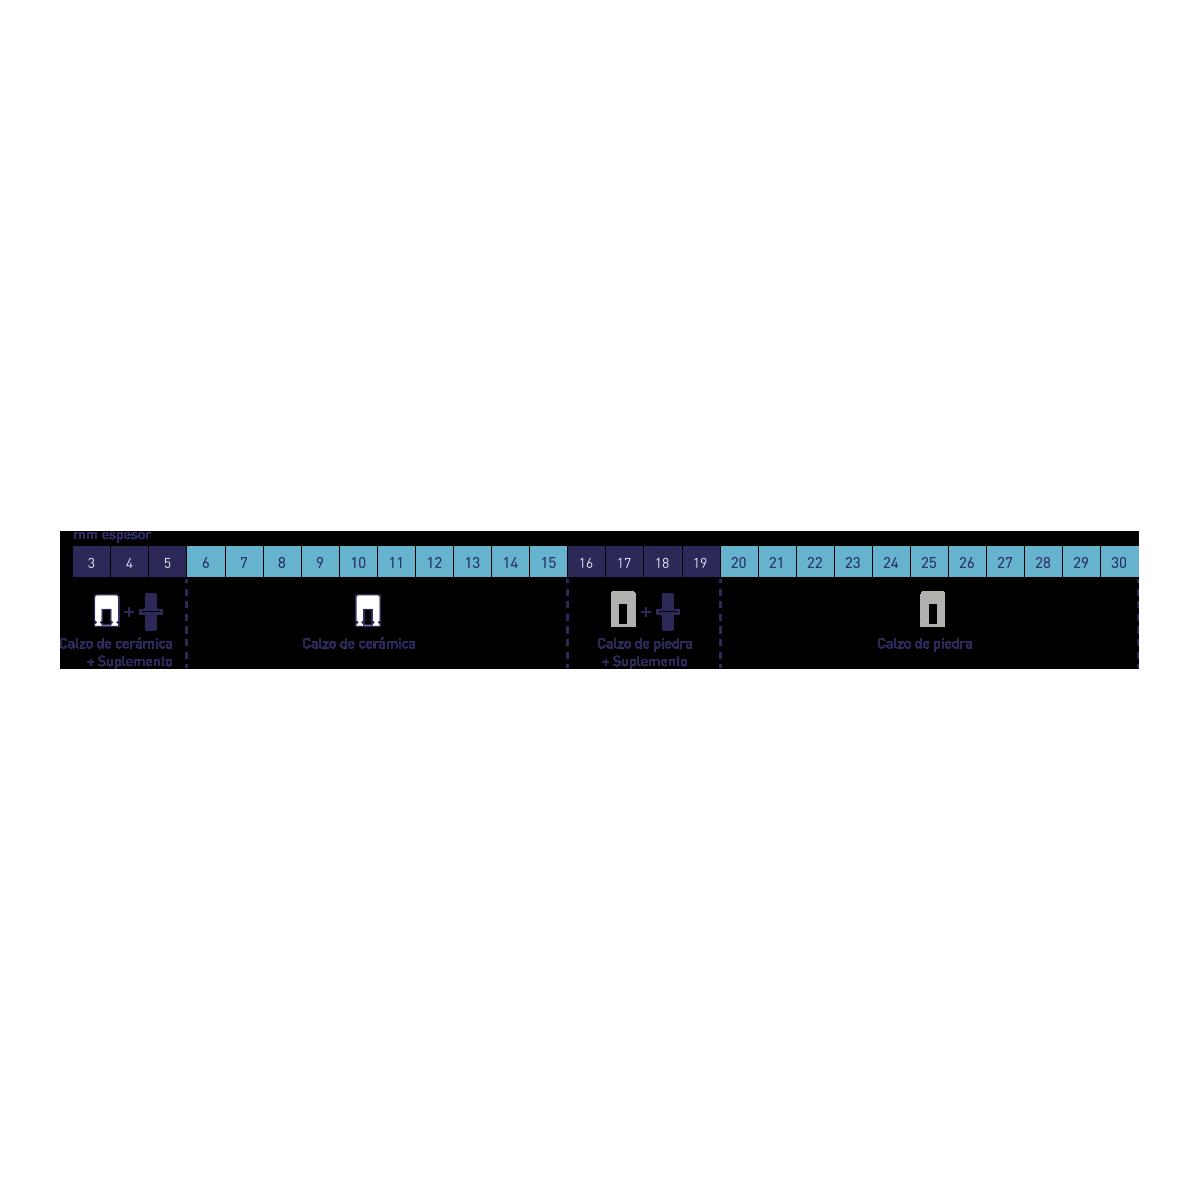 Peygran Suplemento de altura para el sistema de Peygran